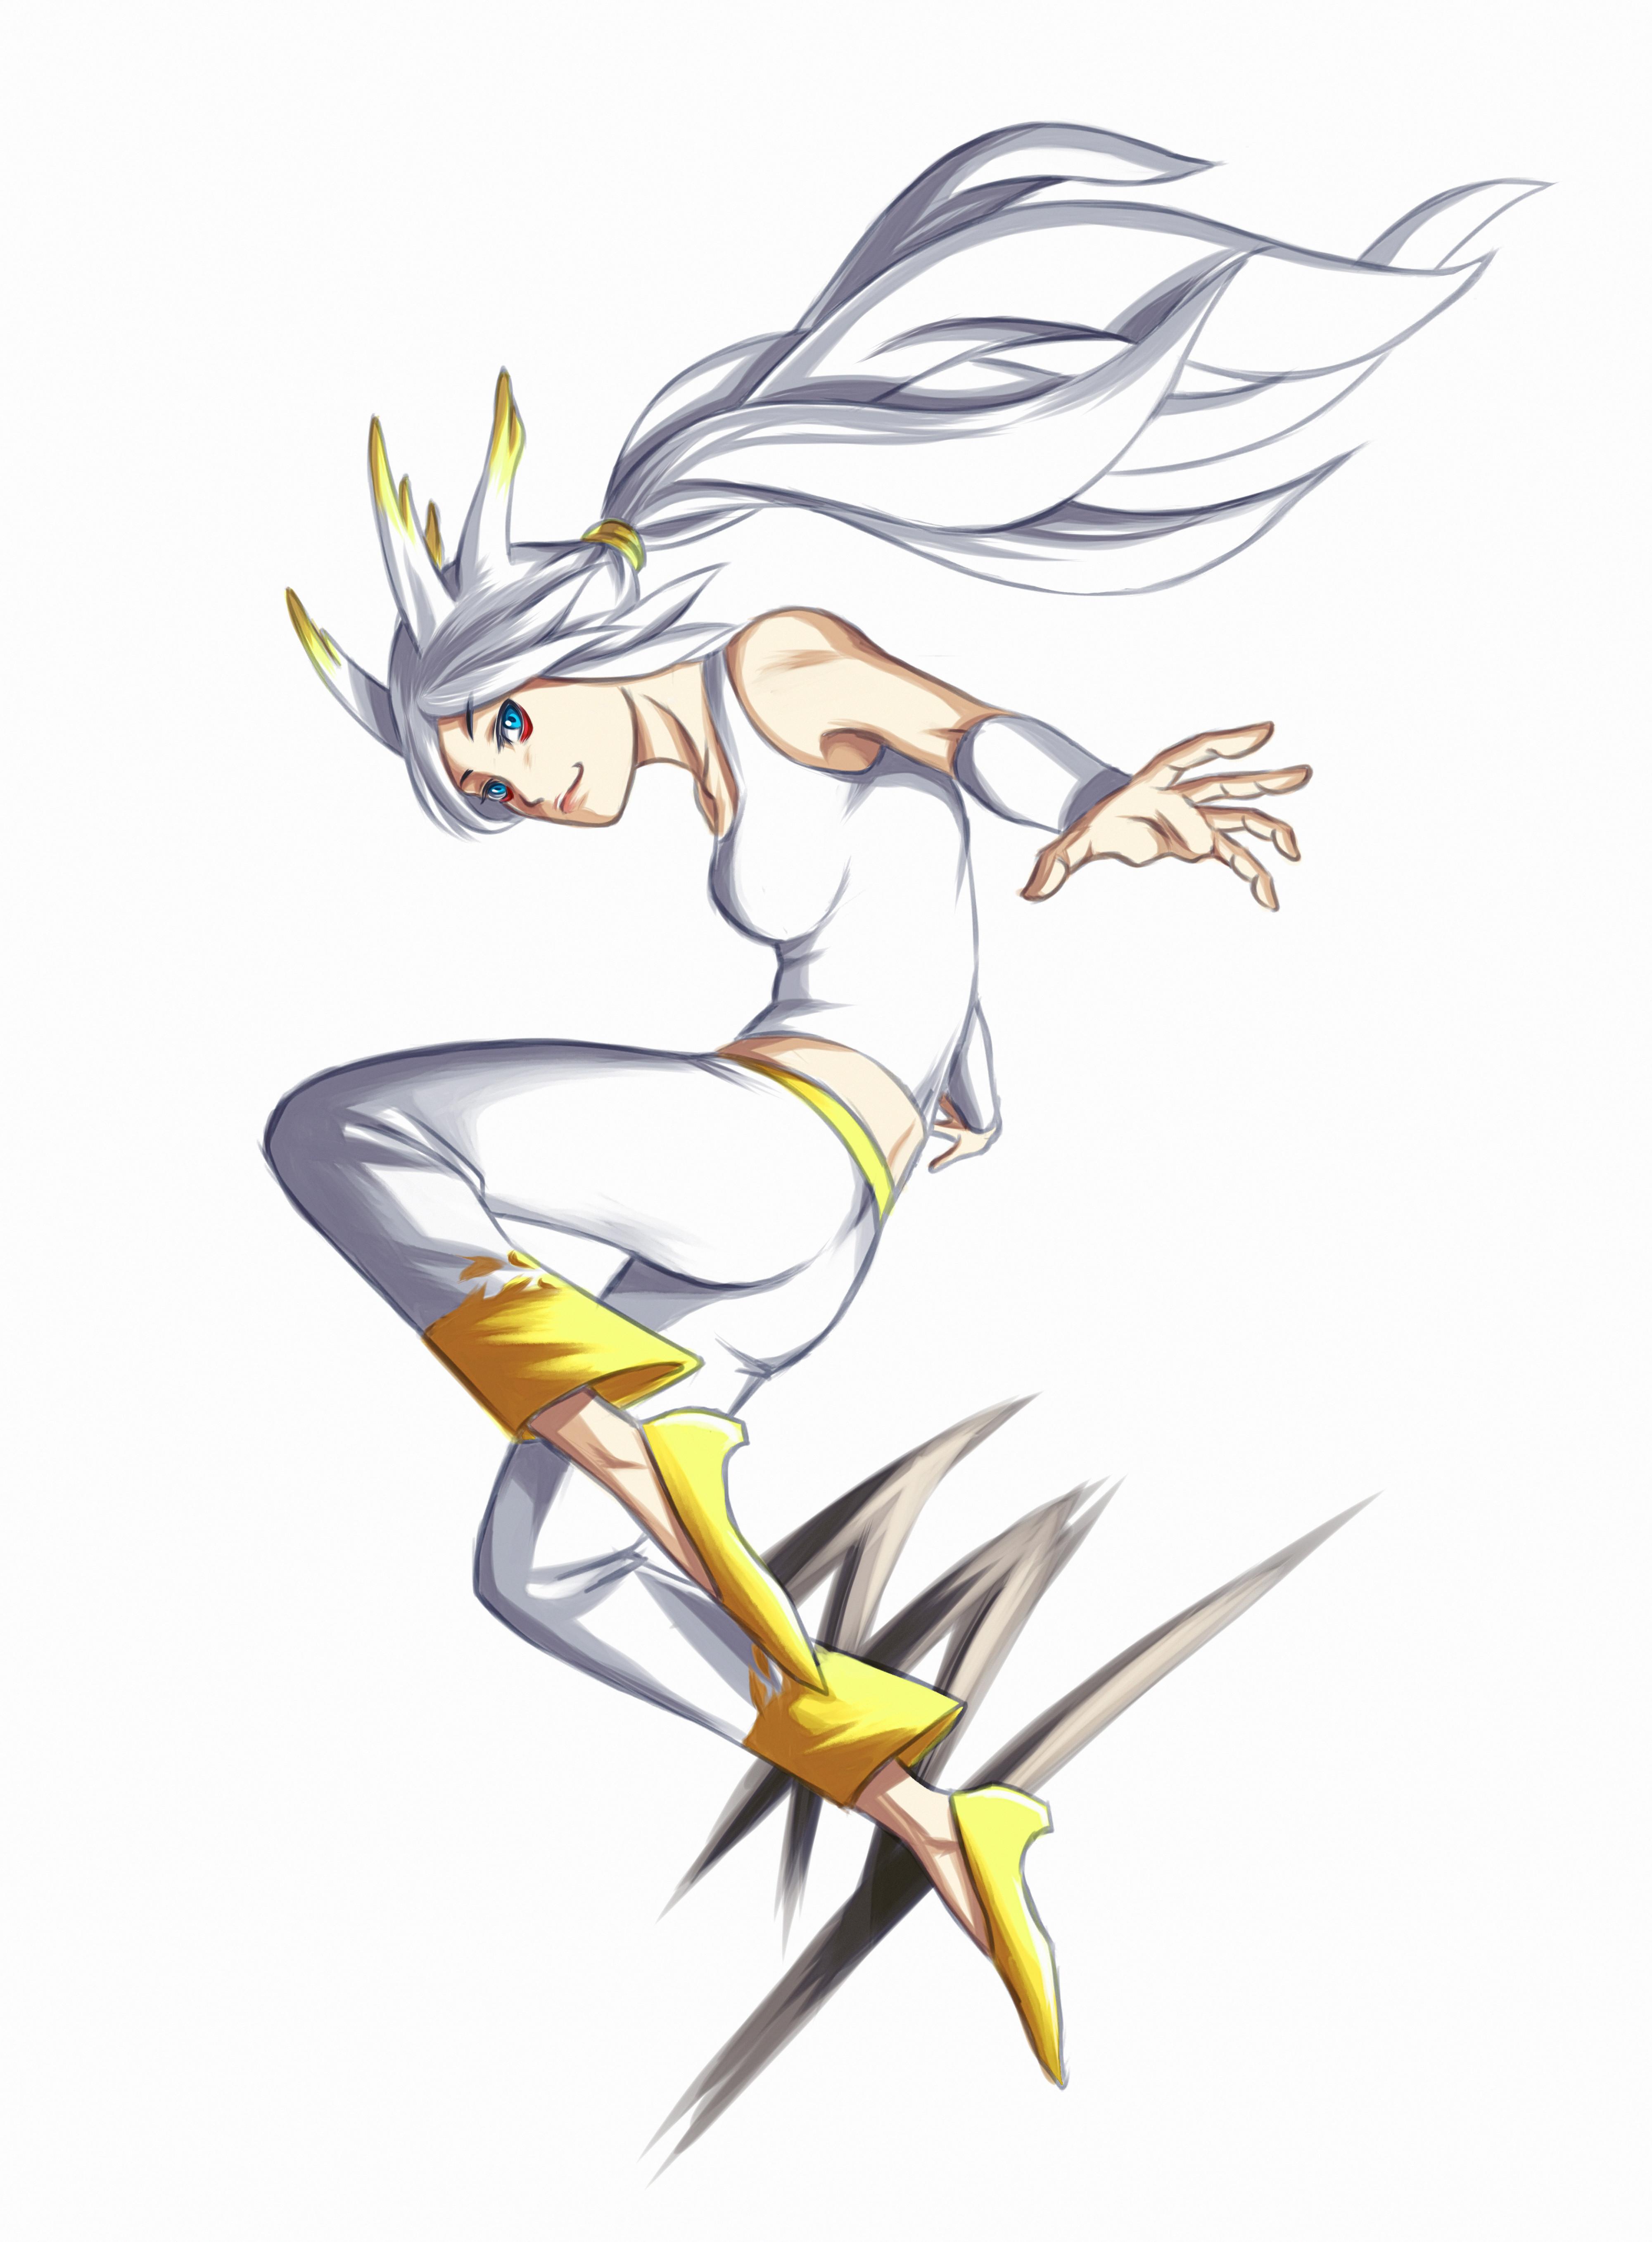 Mermaid, Dolphin - Zerochan Anime Image Board